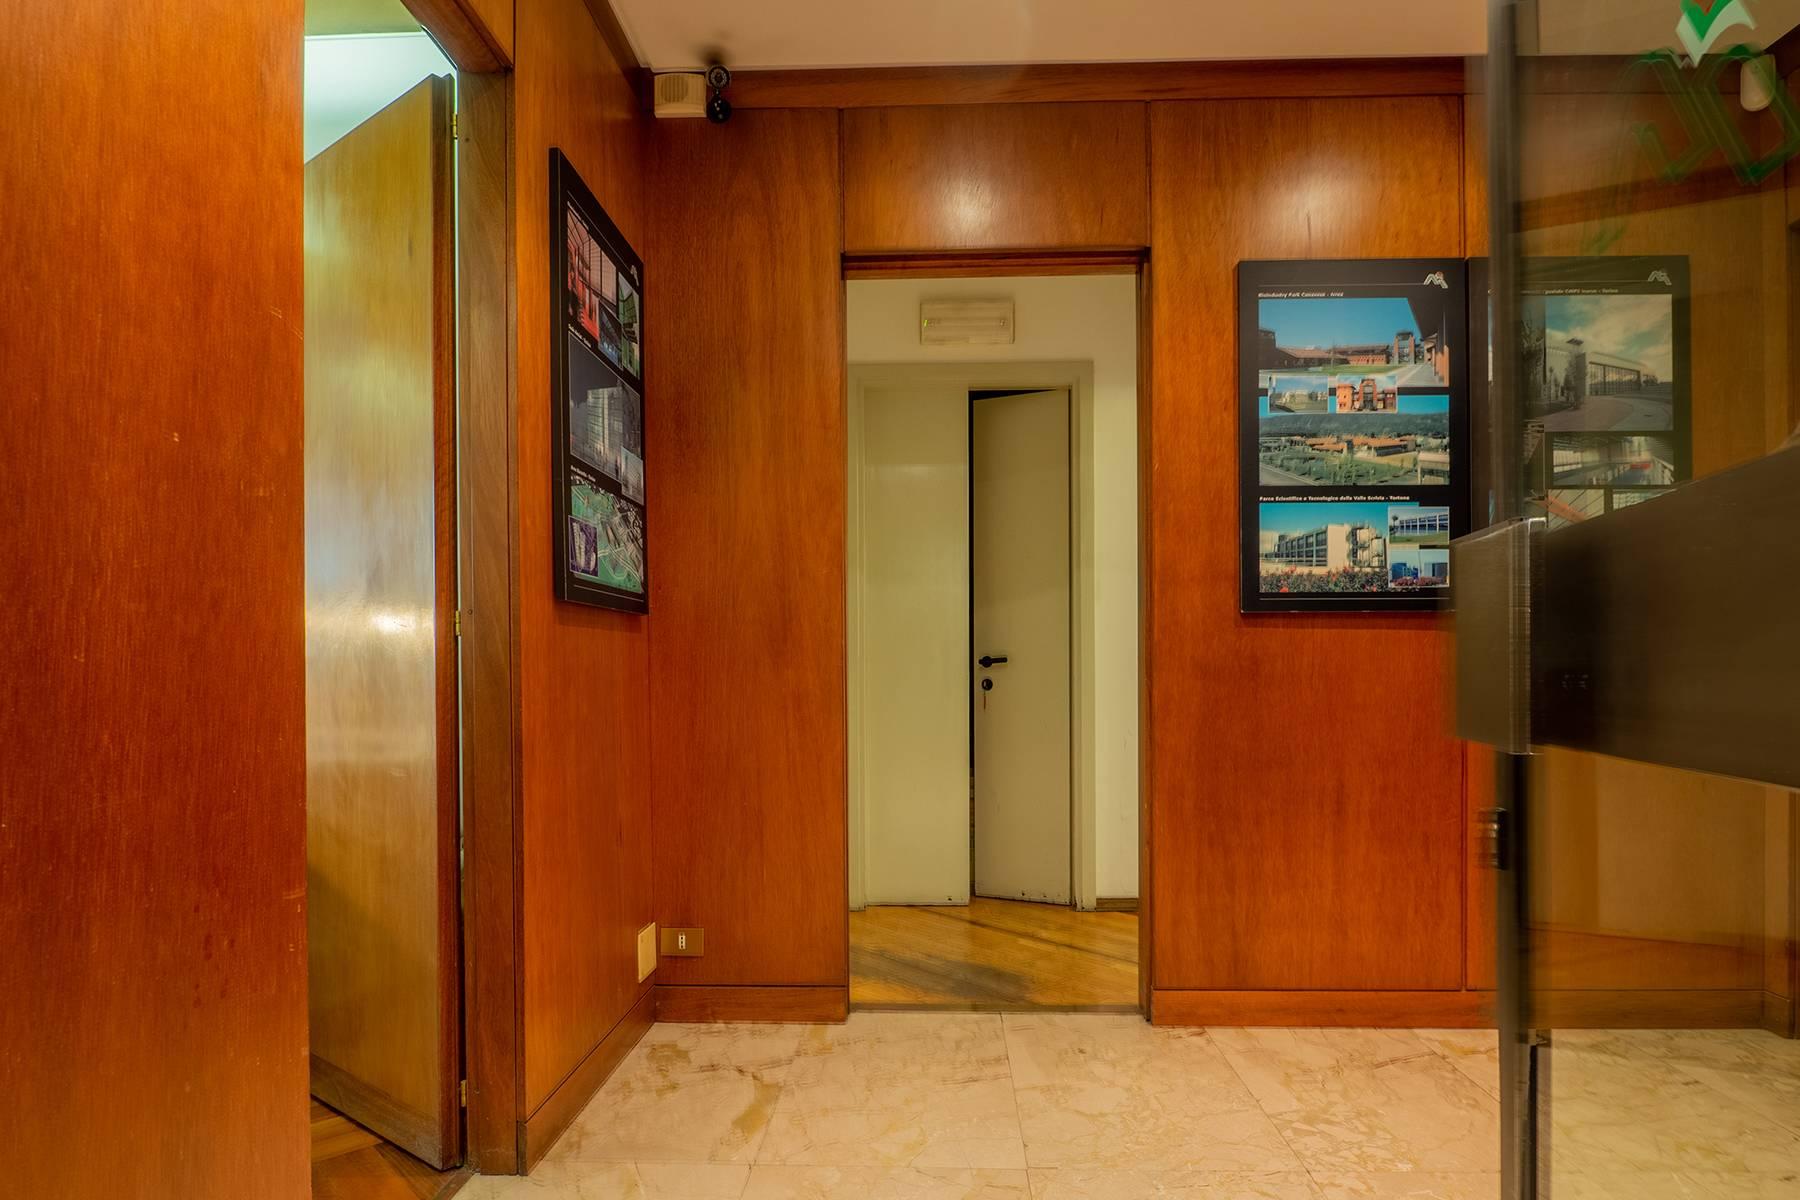 Ufficio-studio in Vendita a Torino: 2 locali, 89 mq - Foto 18